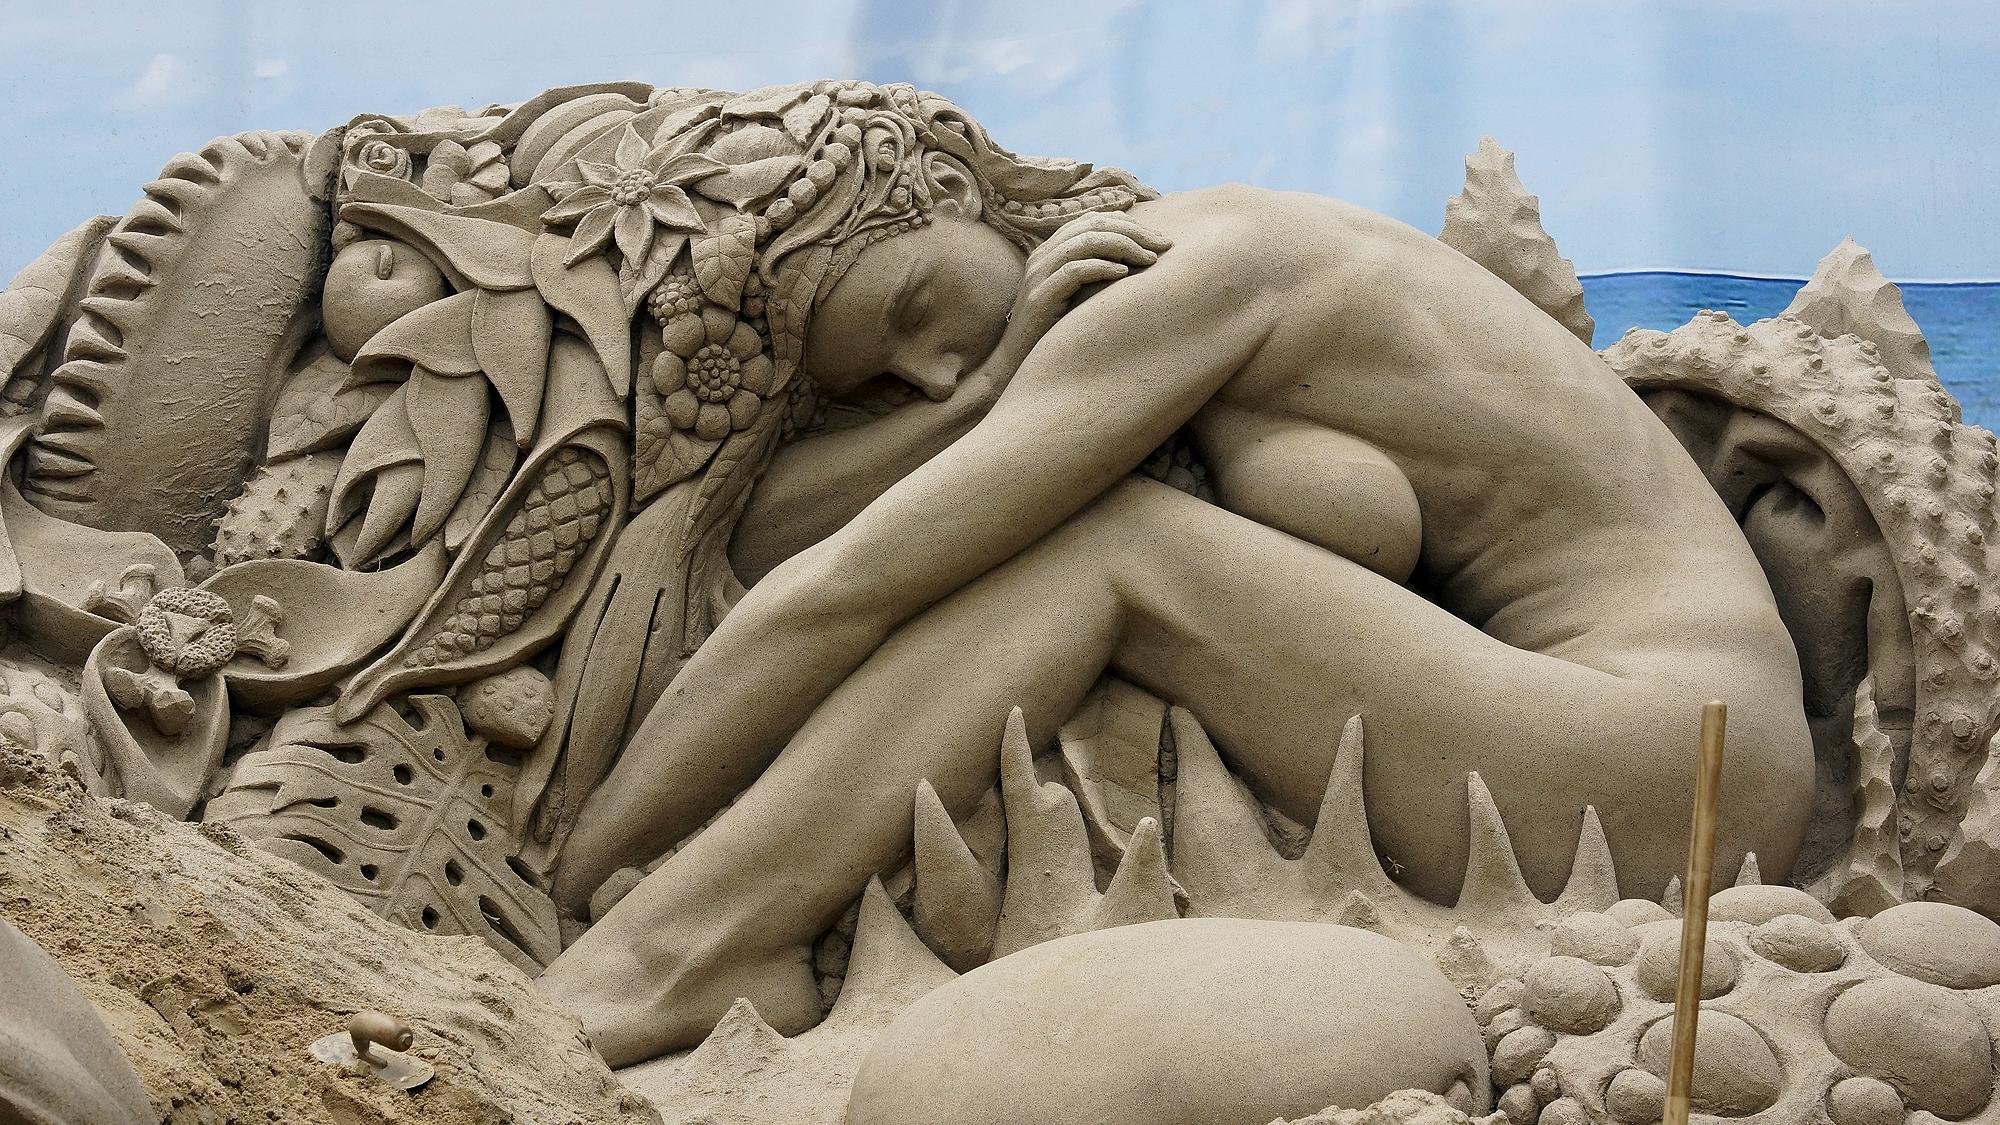 Sandskulpturen-Ausstellung Travemünde 2021 © TraveMedia